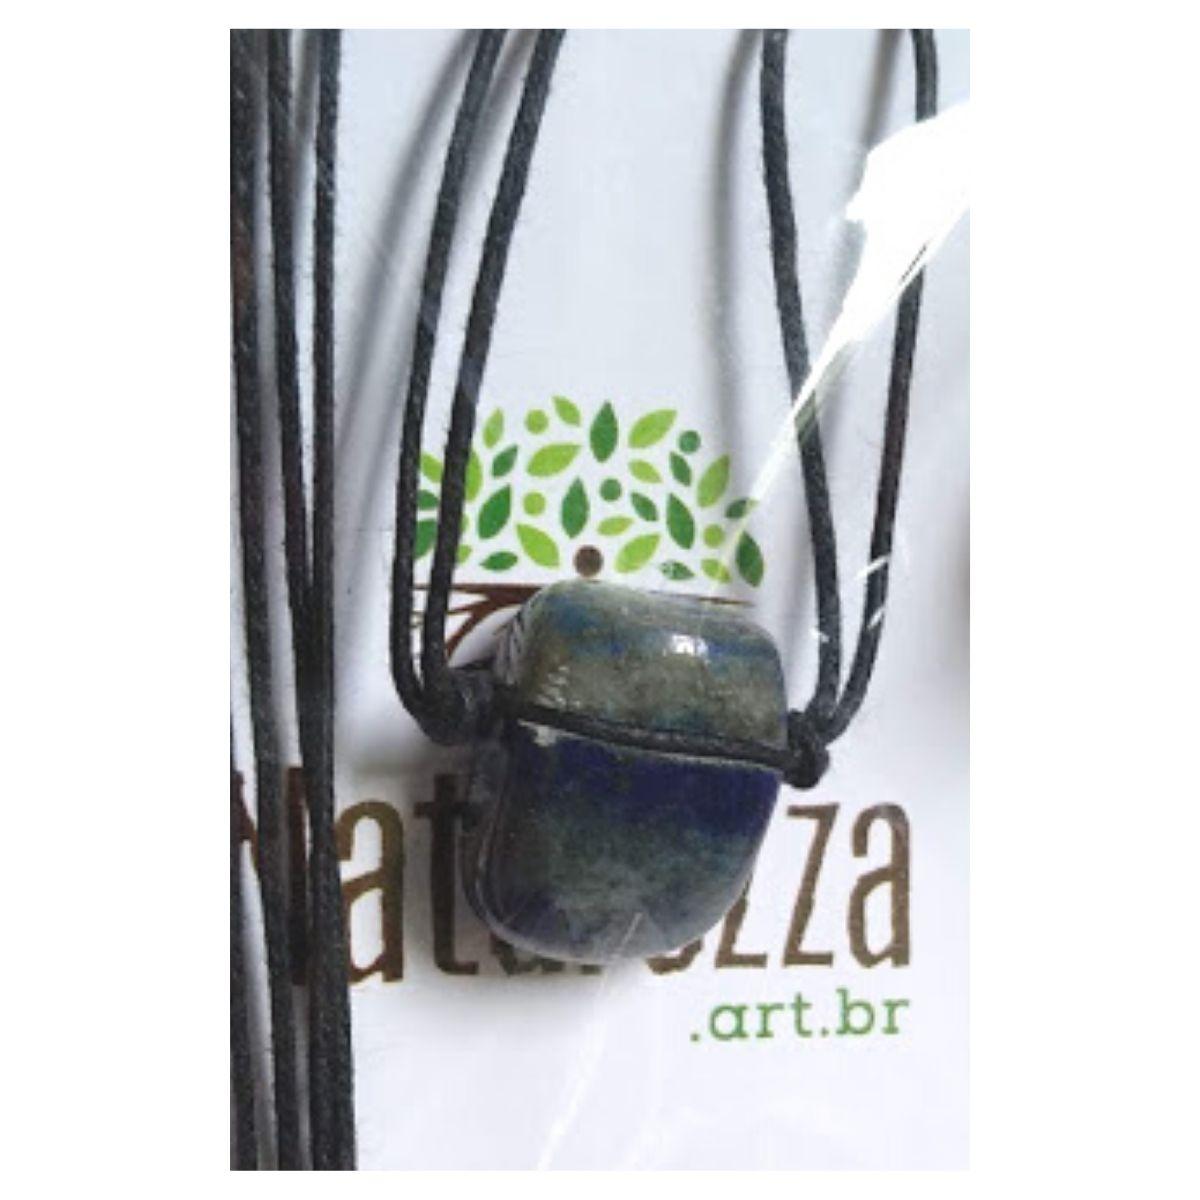 Colar de Lápis Lazúli  Pedra Rolada (Perfumeira p/ Aromaterapia / Difusor Pessoal)